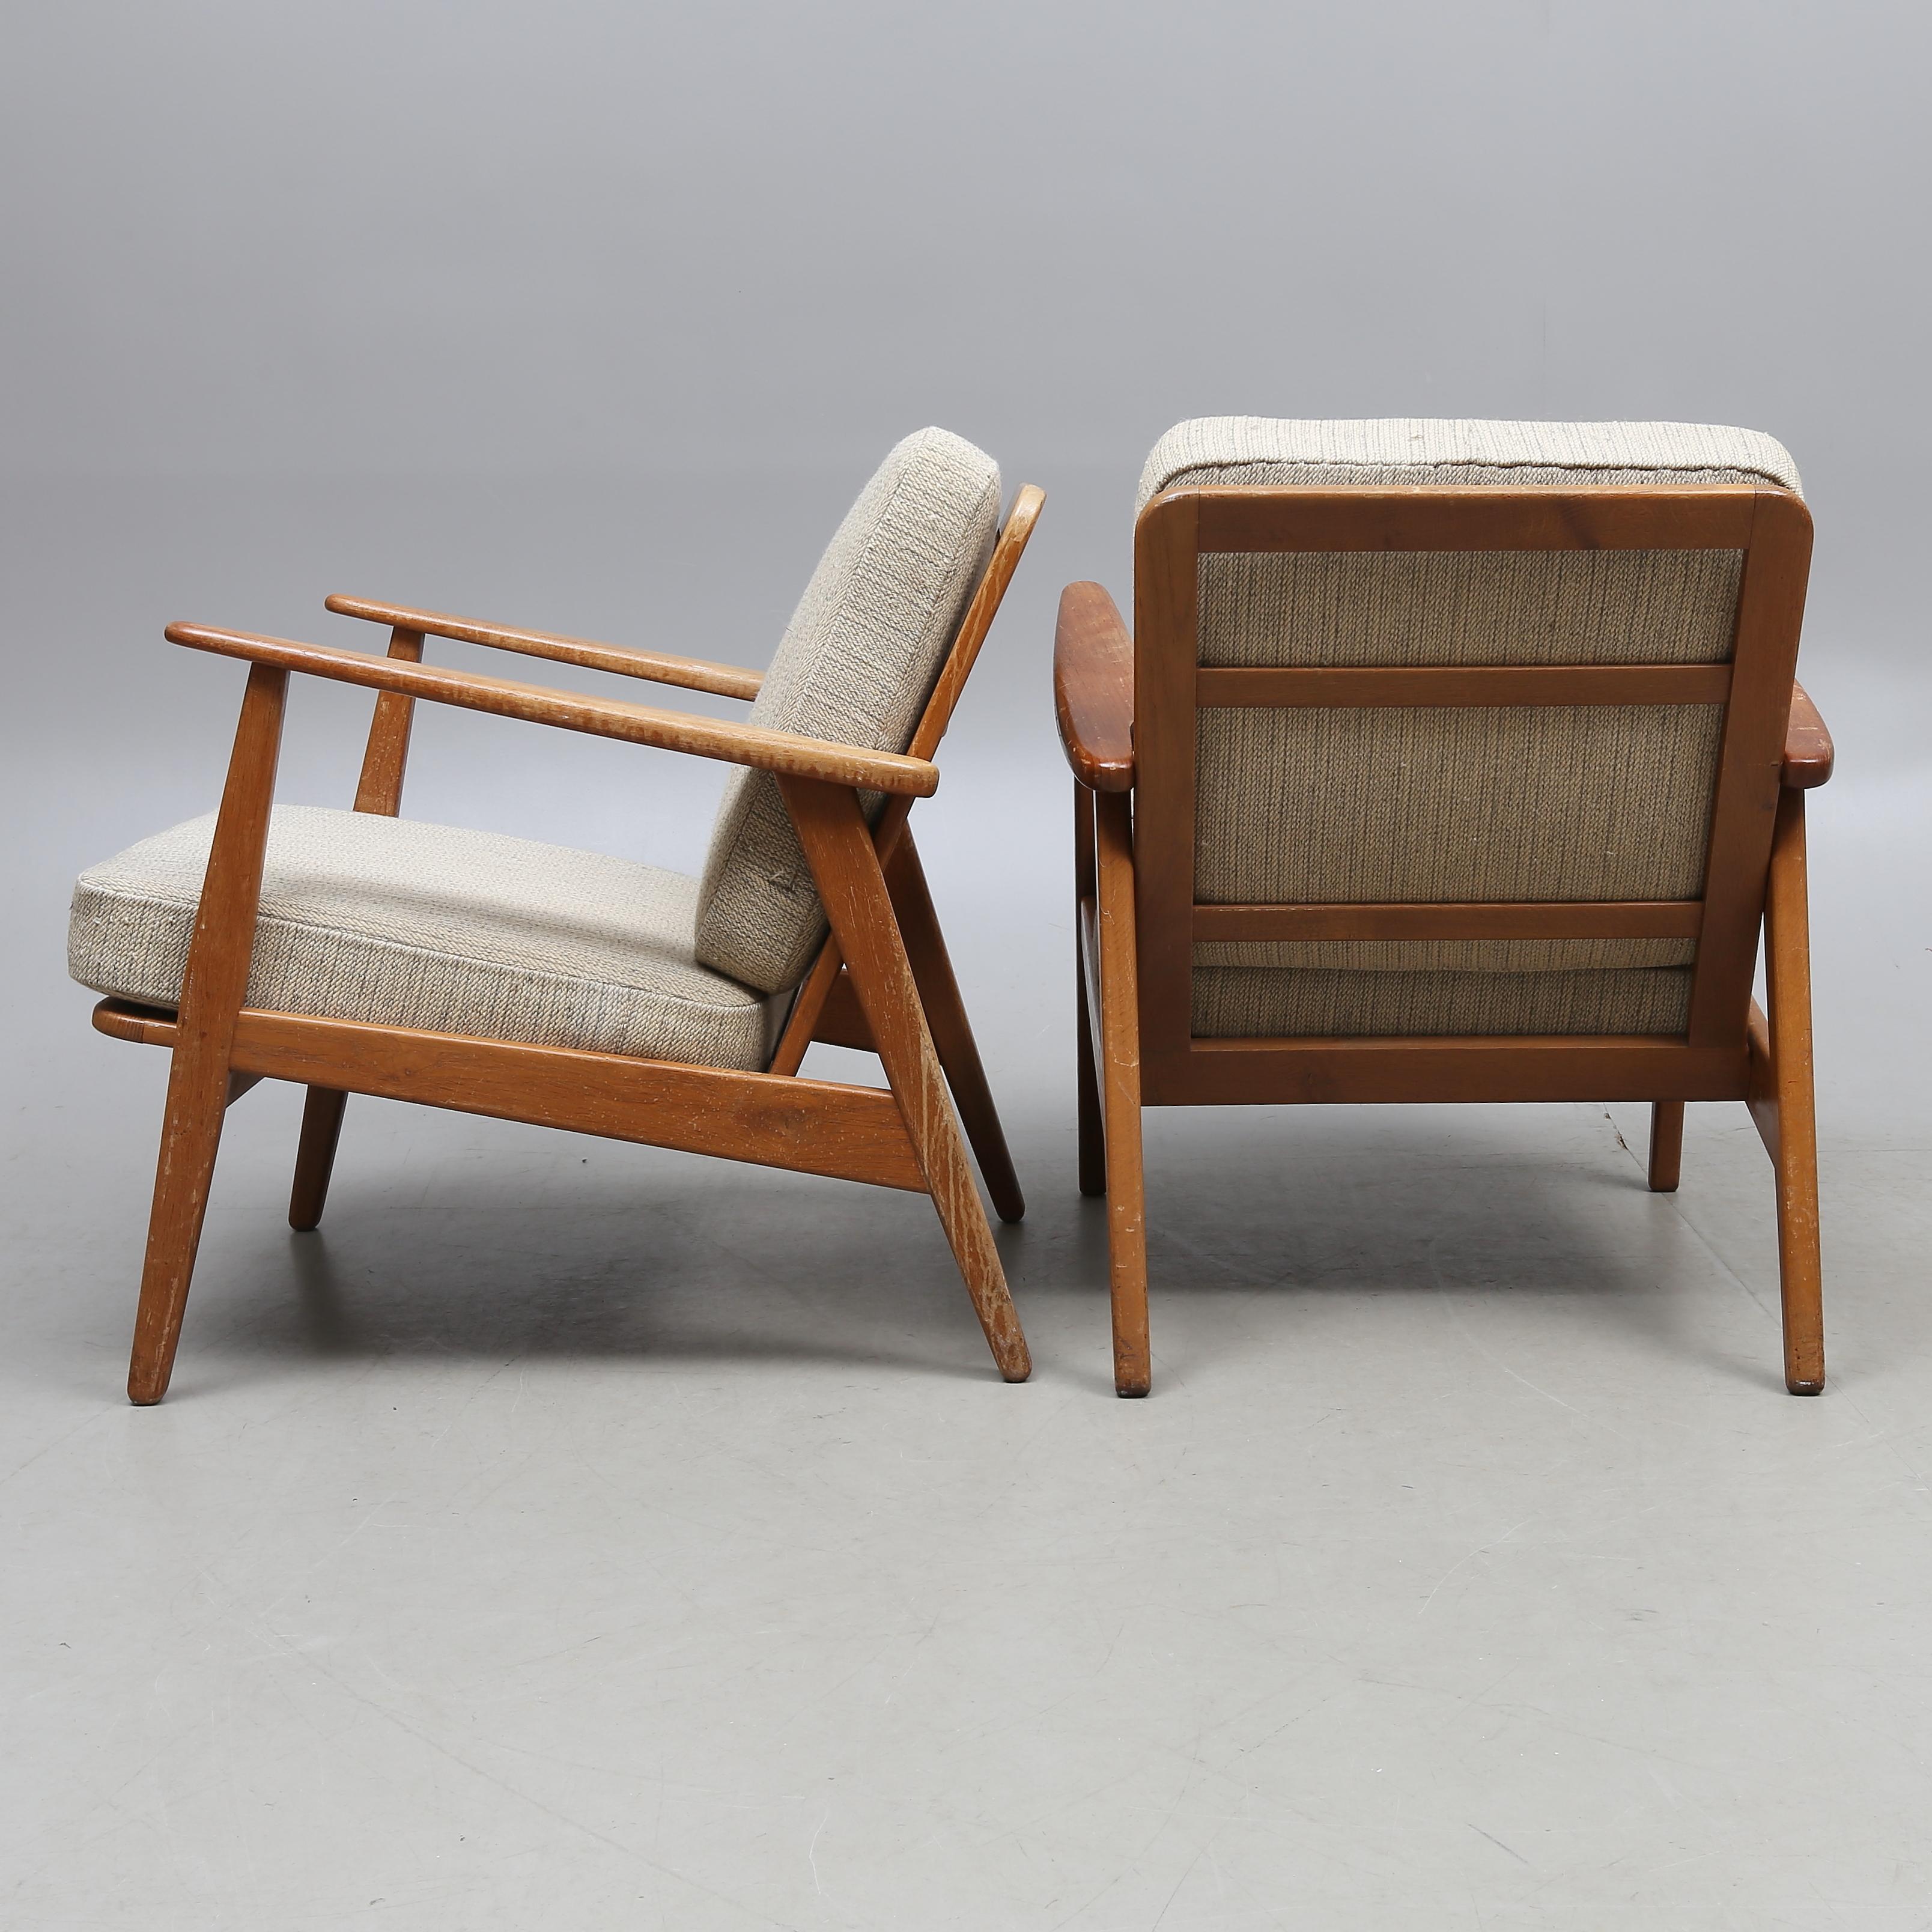 Bilder för 924008. FÅTÖLJER, 1 par, Esbjerg, IKEA, 1950